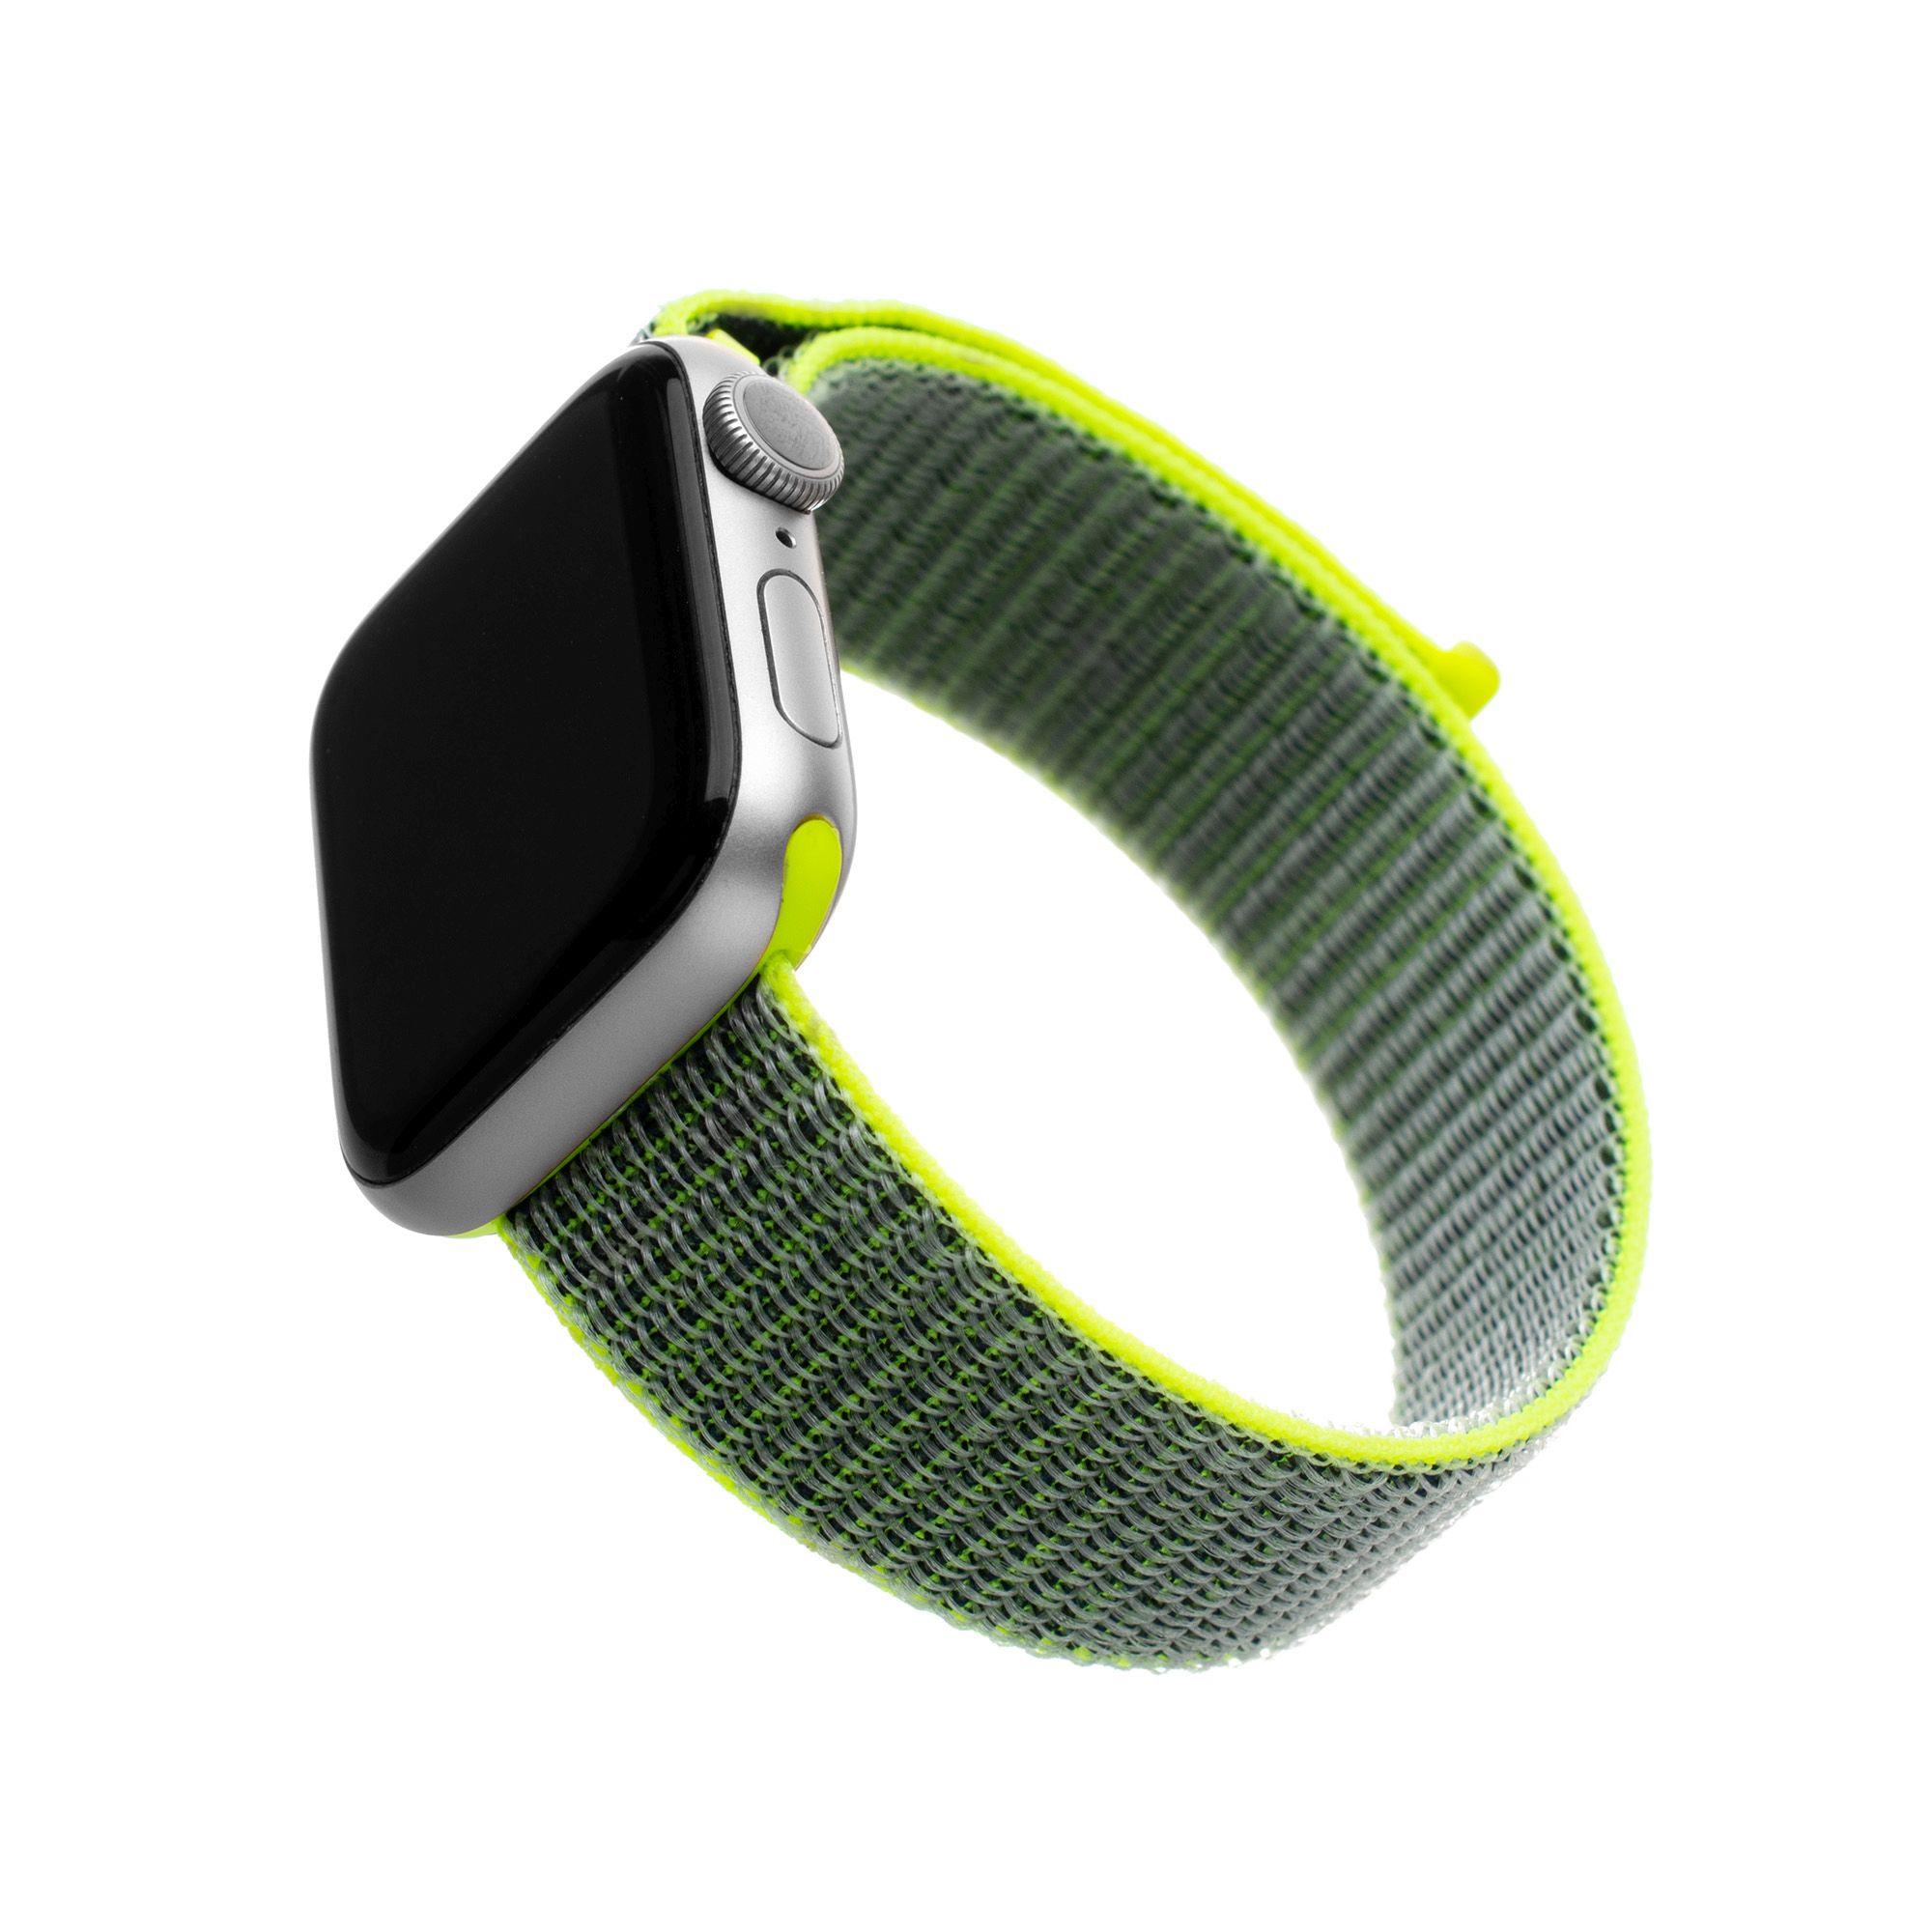 E-shop FIXED Nylonový řemínek Nylon Strap pro Apple Watch 44mm/ Watch 42mm, tmavě limetkový 1ks